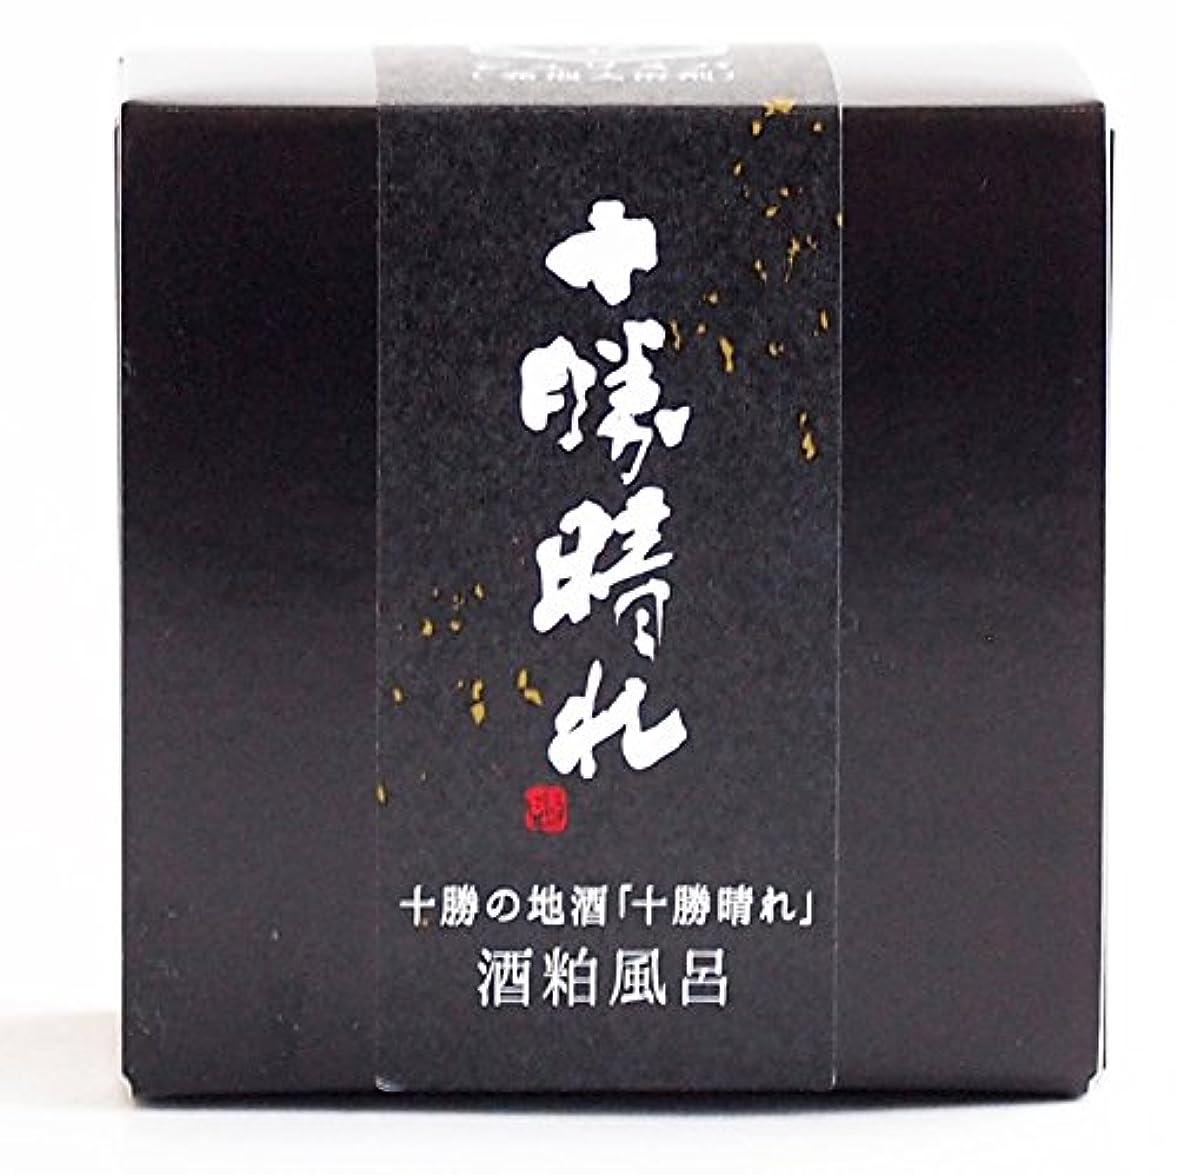 動機付ける収縮乞食シュワスパ 十勝晴れの酒粕風呂 (Mサイズ2個セット)